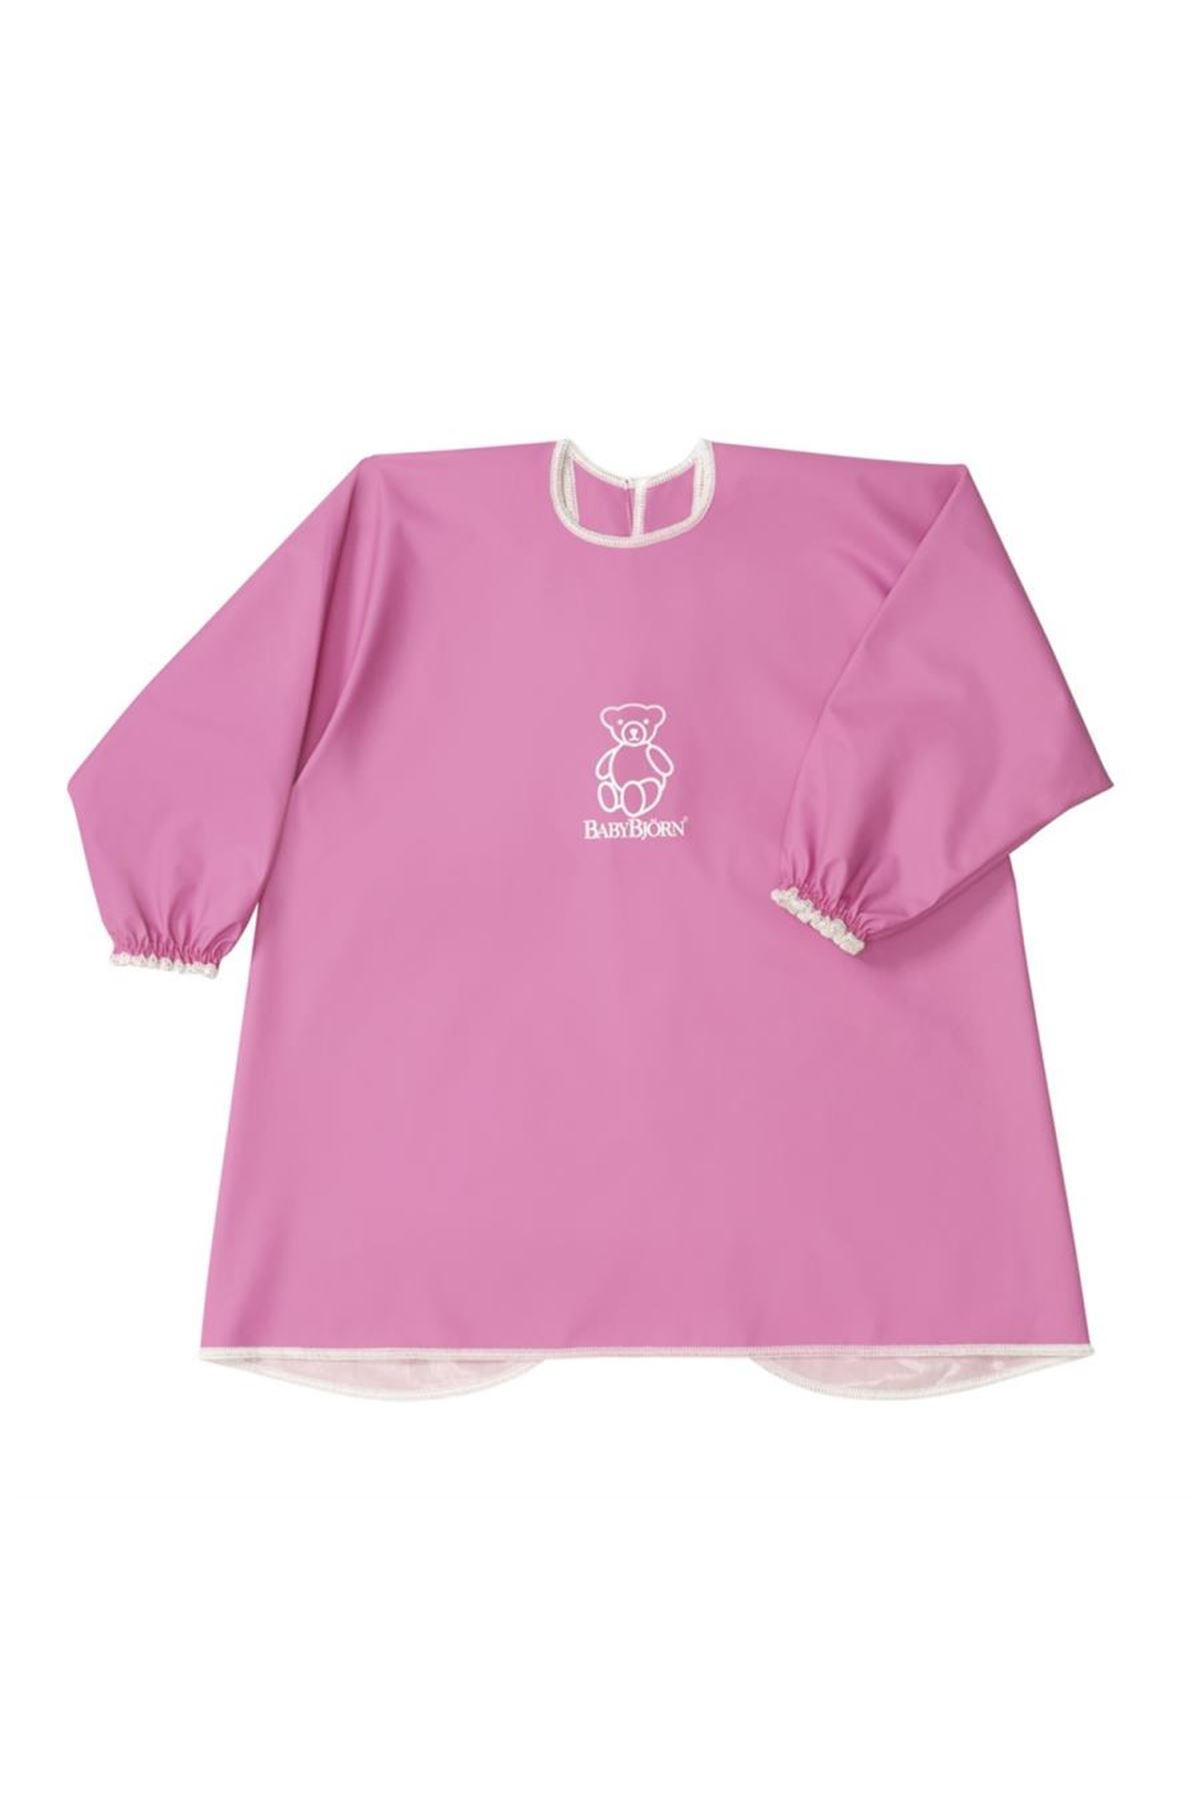 BabyBjörn Oyun & Mama Önlüğü / Pink